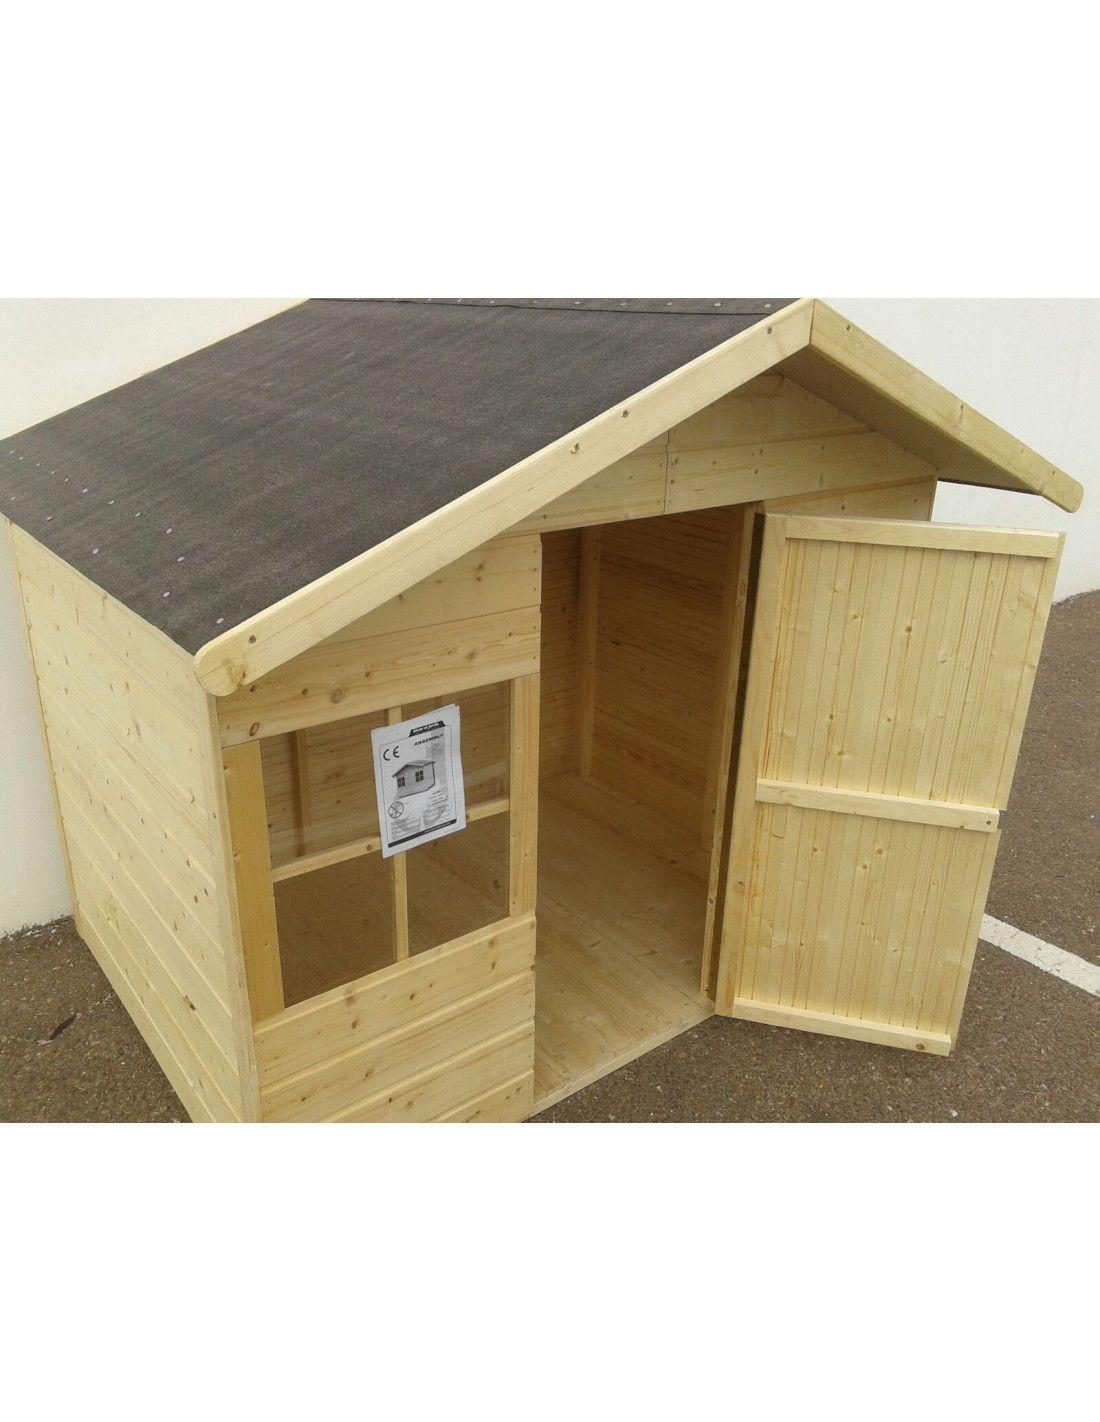 Casita madera infantil balu for Casitas de madera para ninos precios